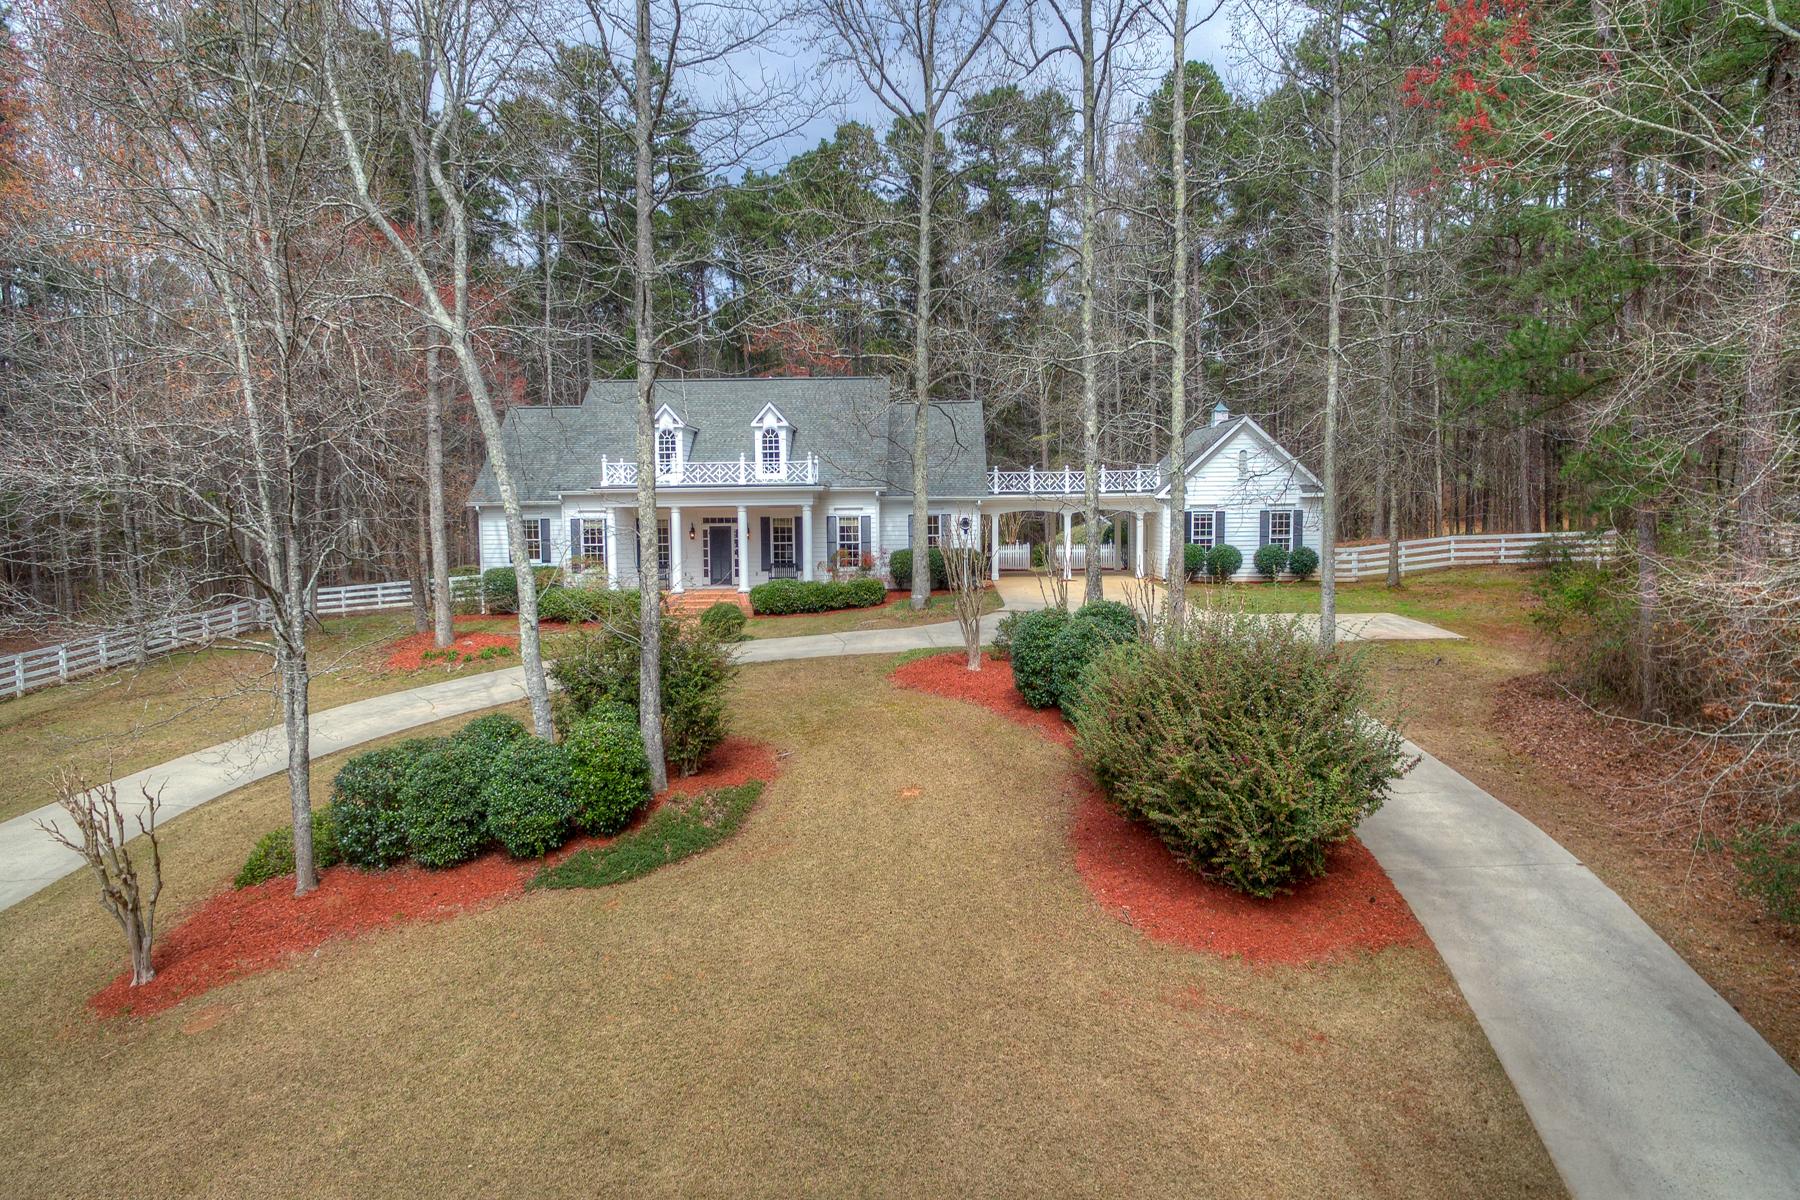 Μονοκατοικία για την Πώληση στο Classic Southern Home and Equestrian Farm 307 Happy Valley Circle Newnan, Γεωργια 30263 Ηνωμενεσ Πολιτειεσ